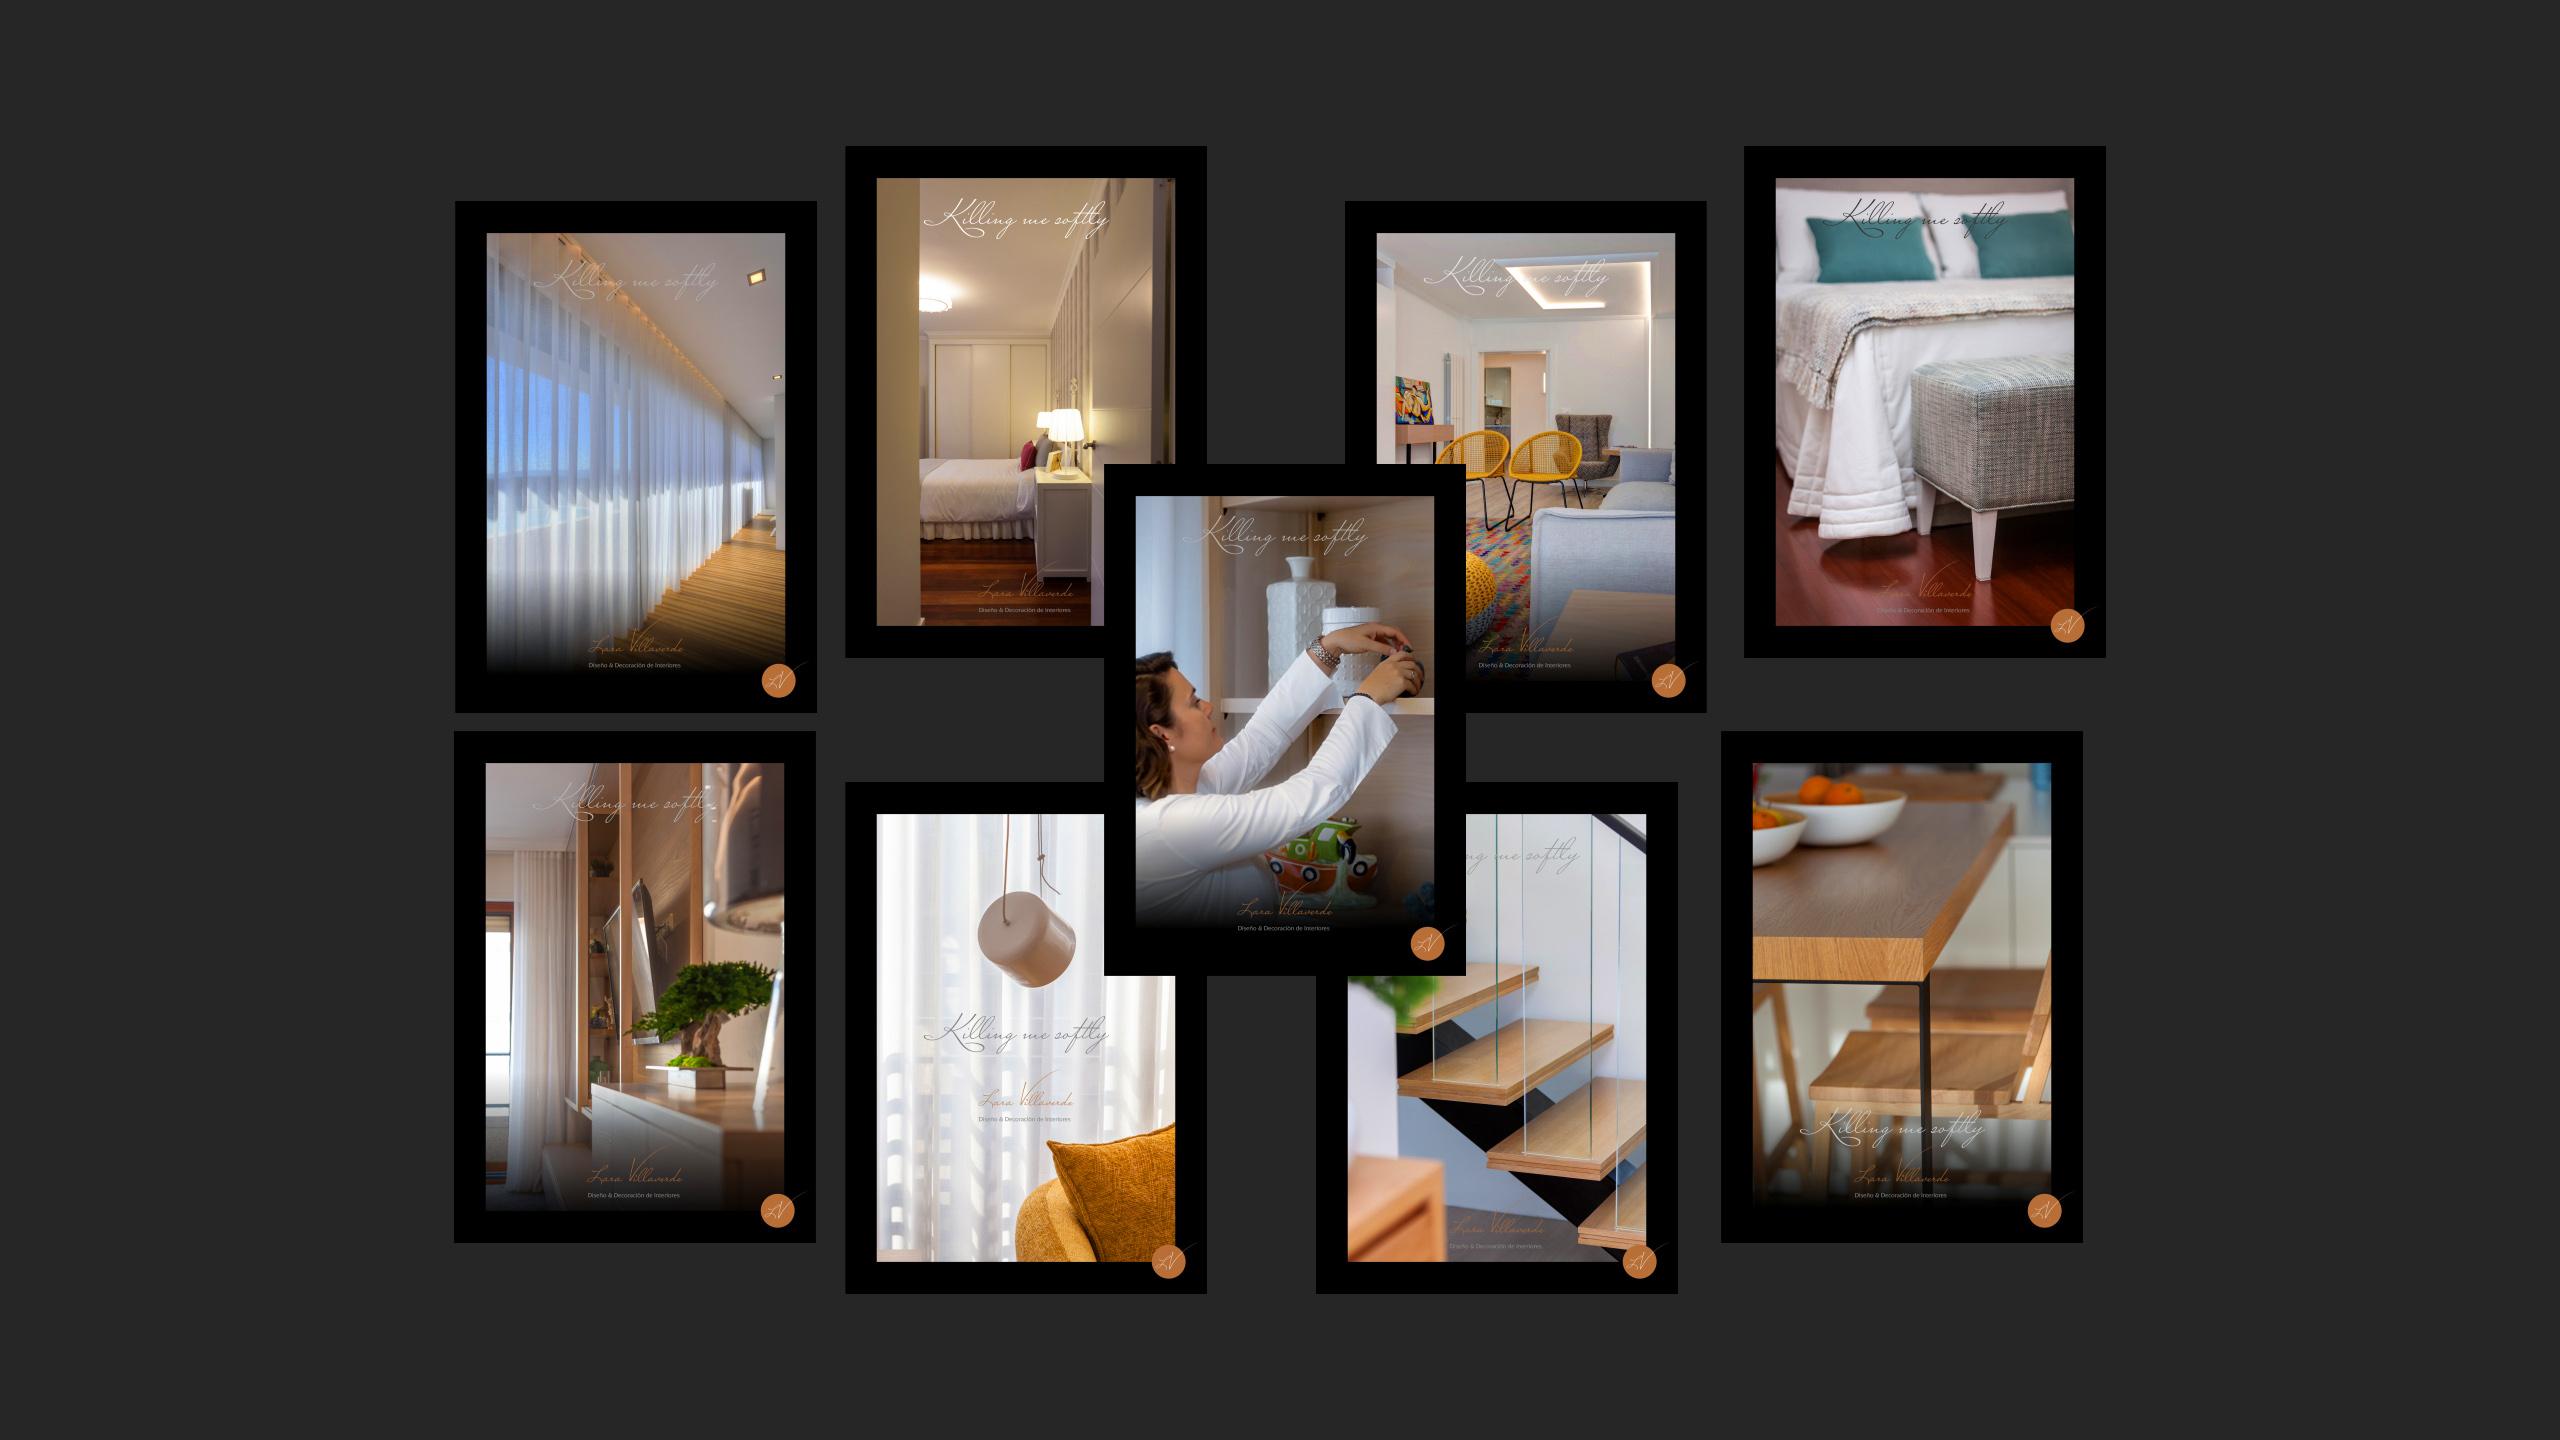 Diseño catalogo promocional Lara Villaverde 2